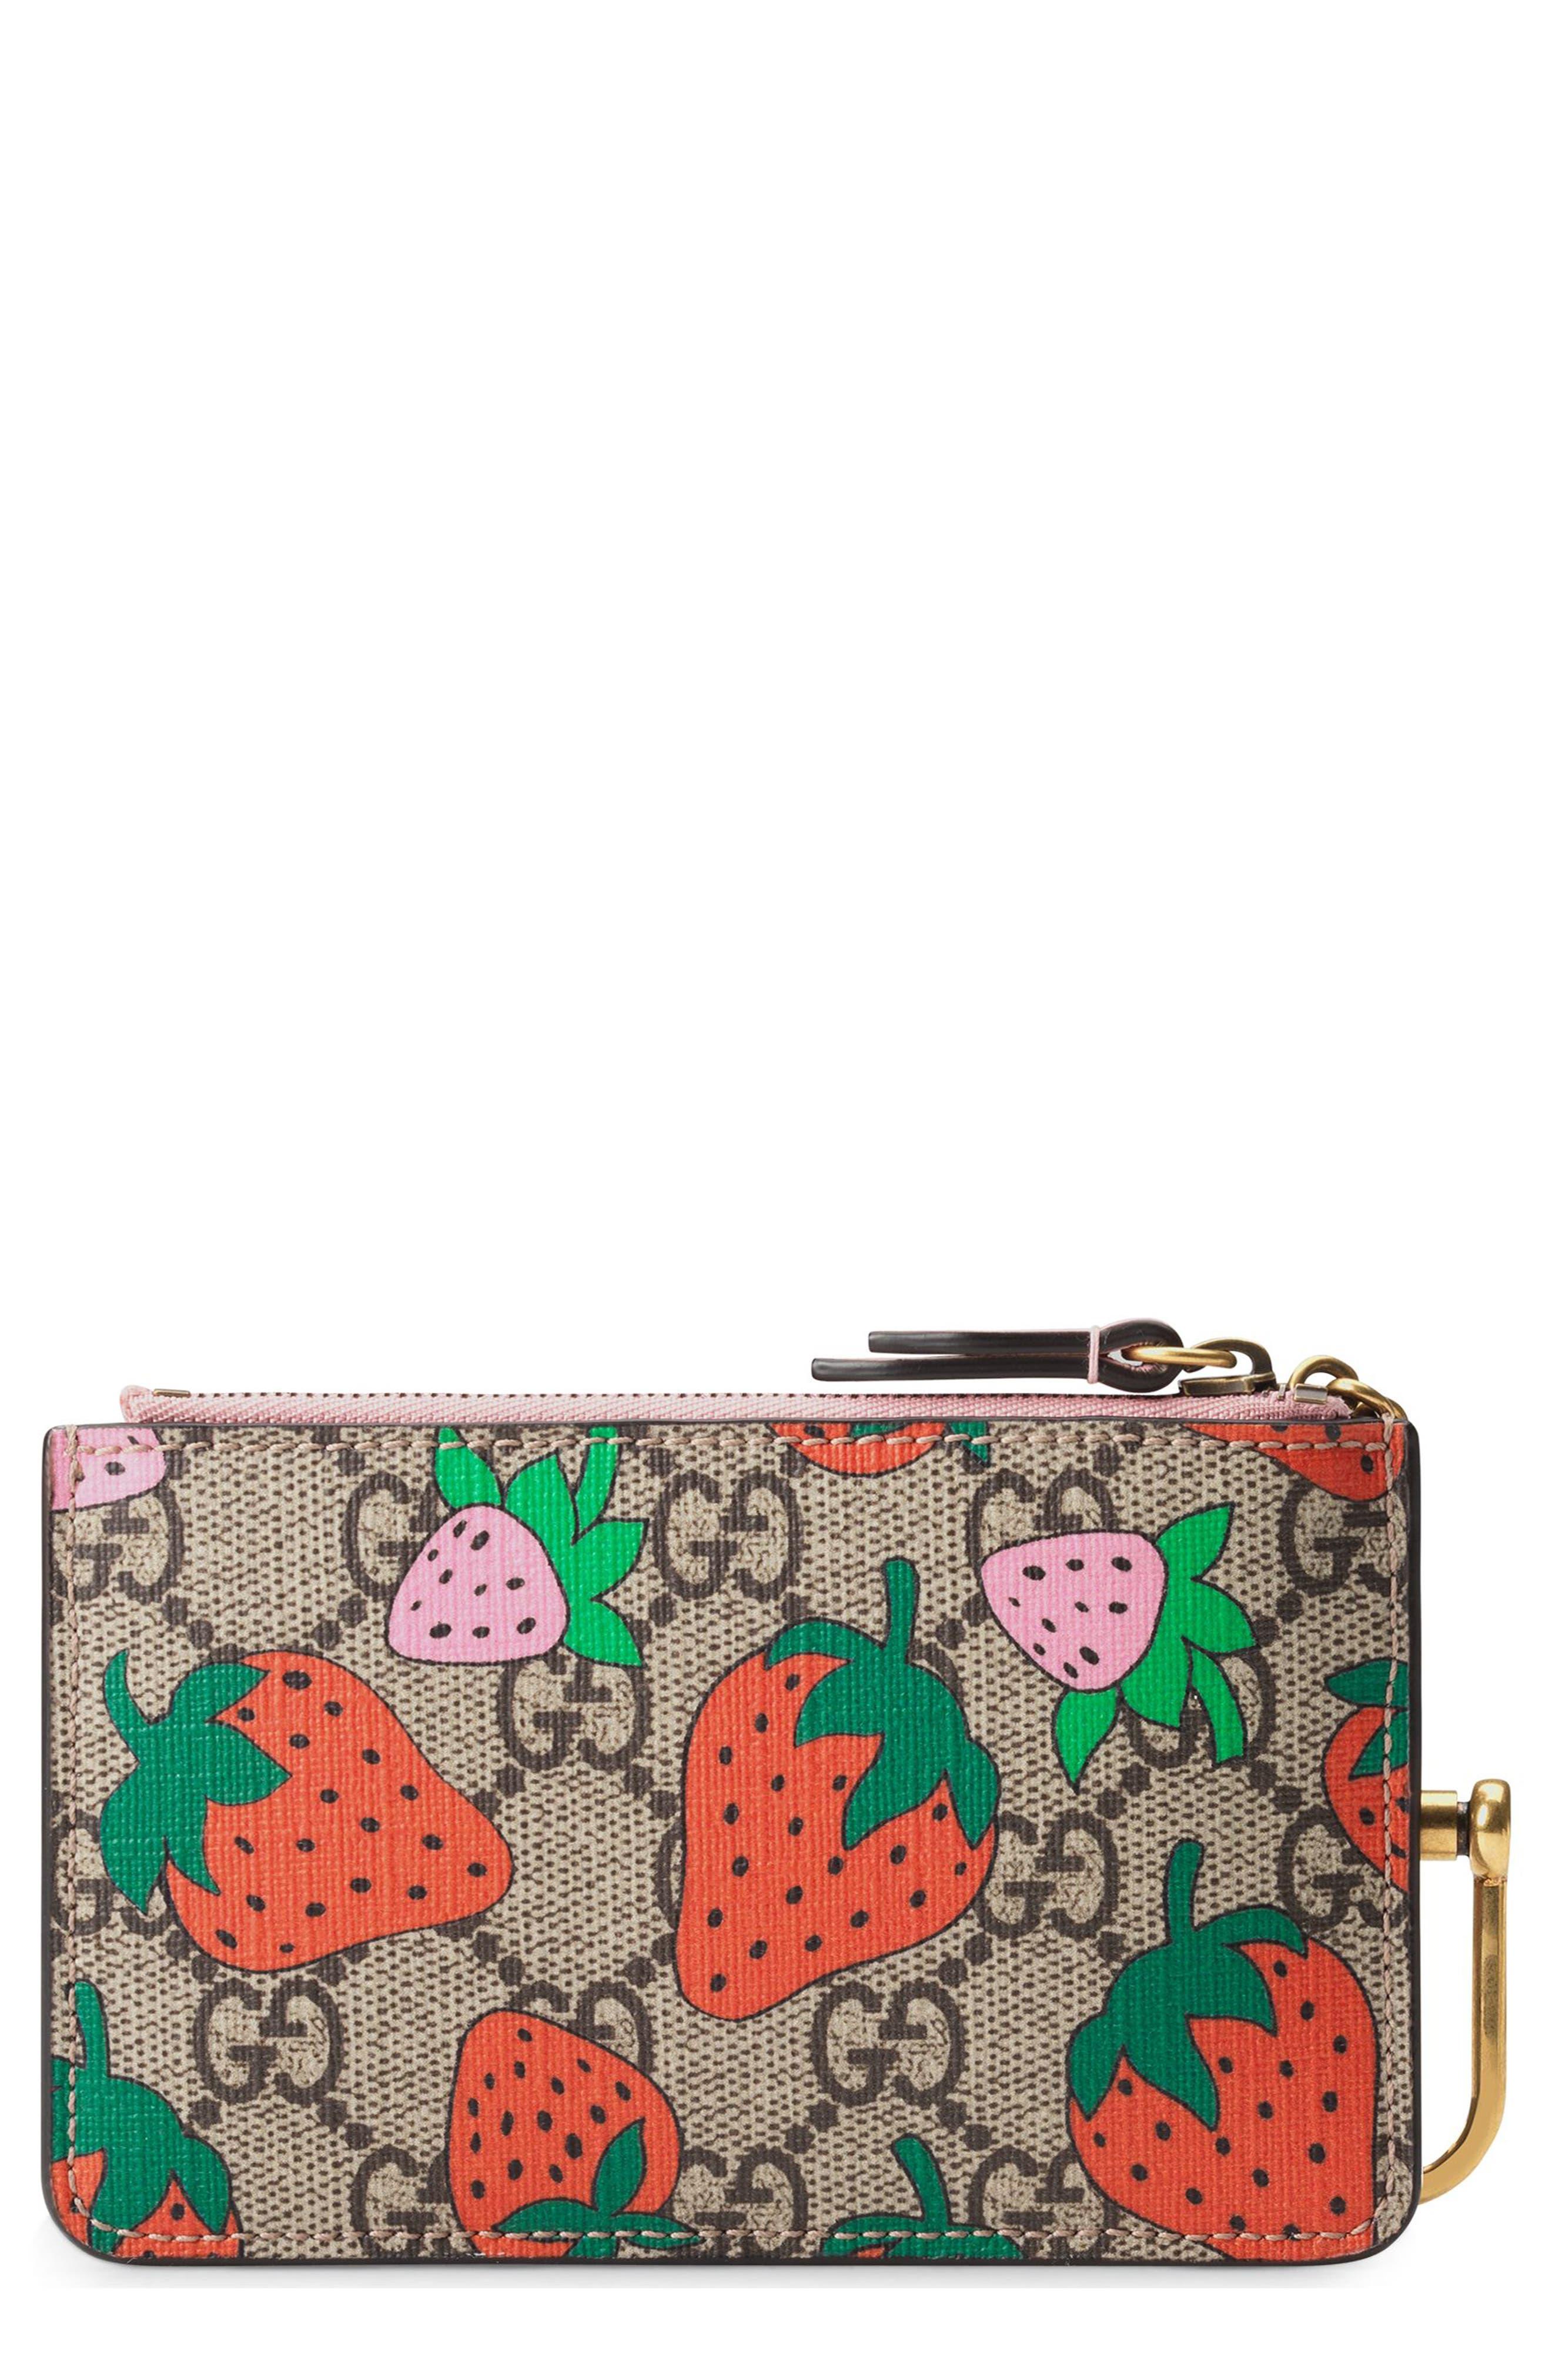 Gucci Strawberry Print GG Supreme Canvas Key Case